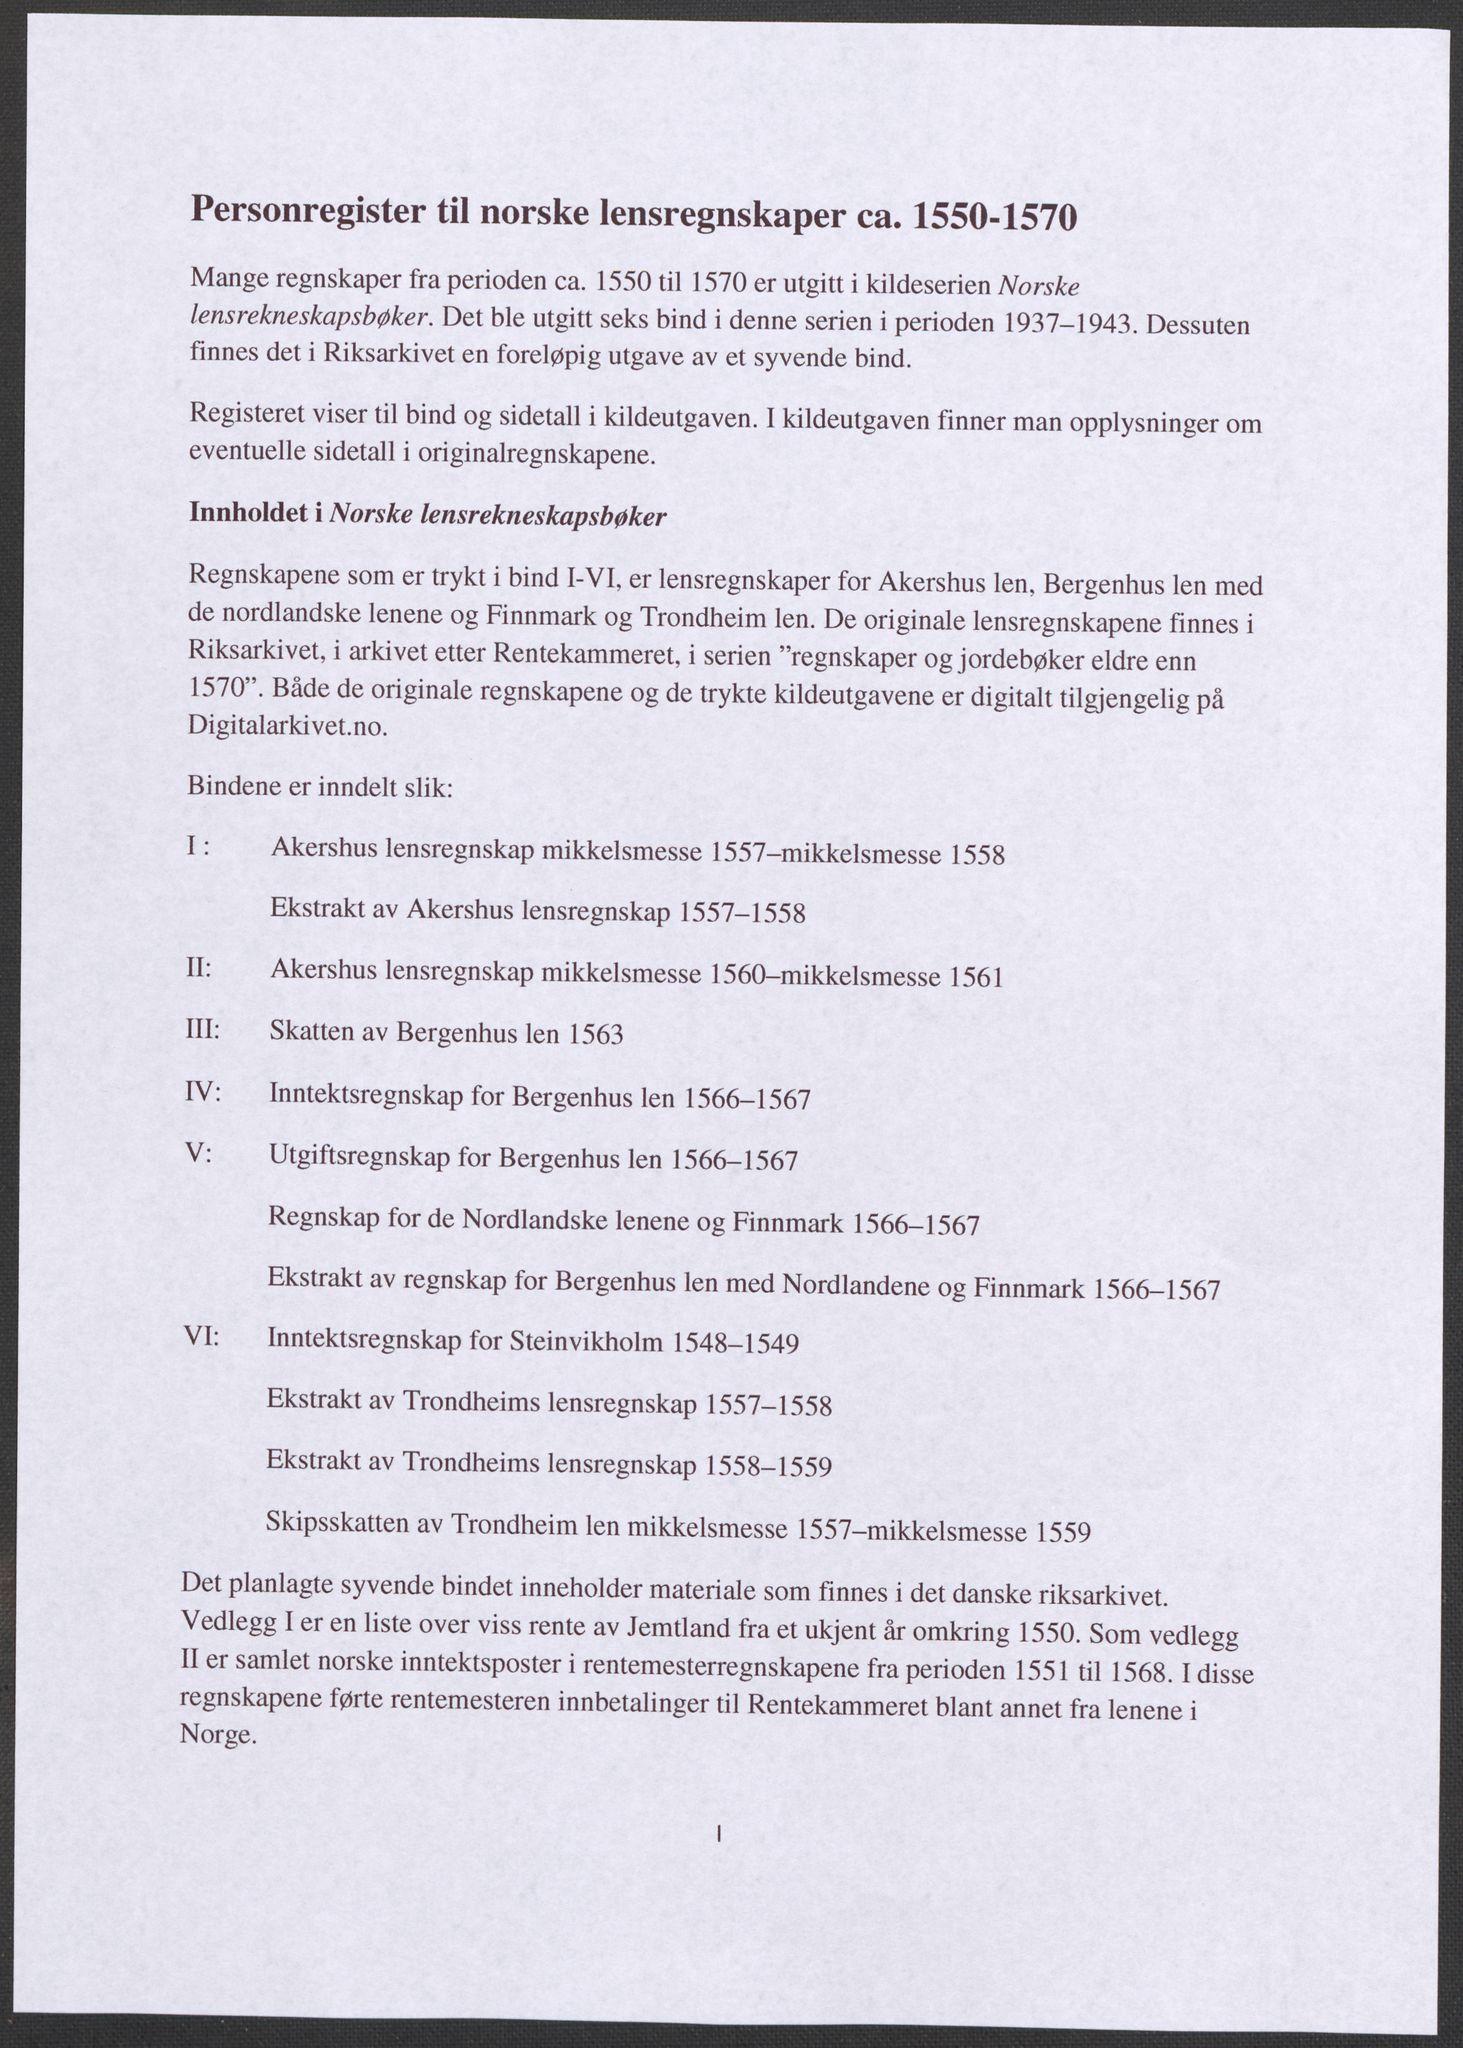 PUBL, Publikasjoner utgitt av Arkivverket, -/-: Personregister, 1548-1567, s. I